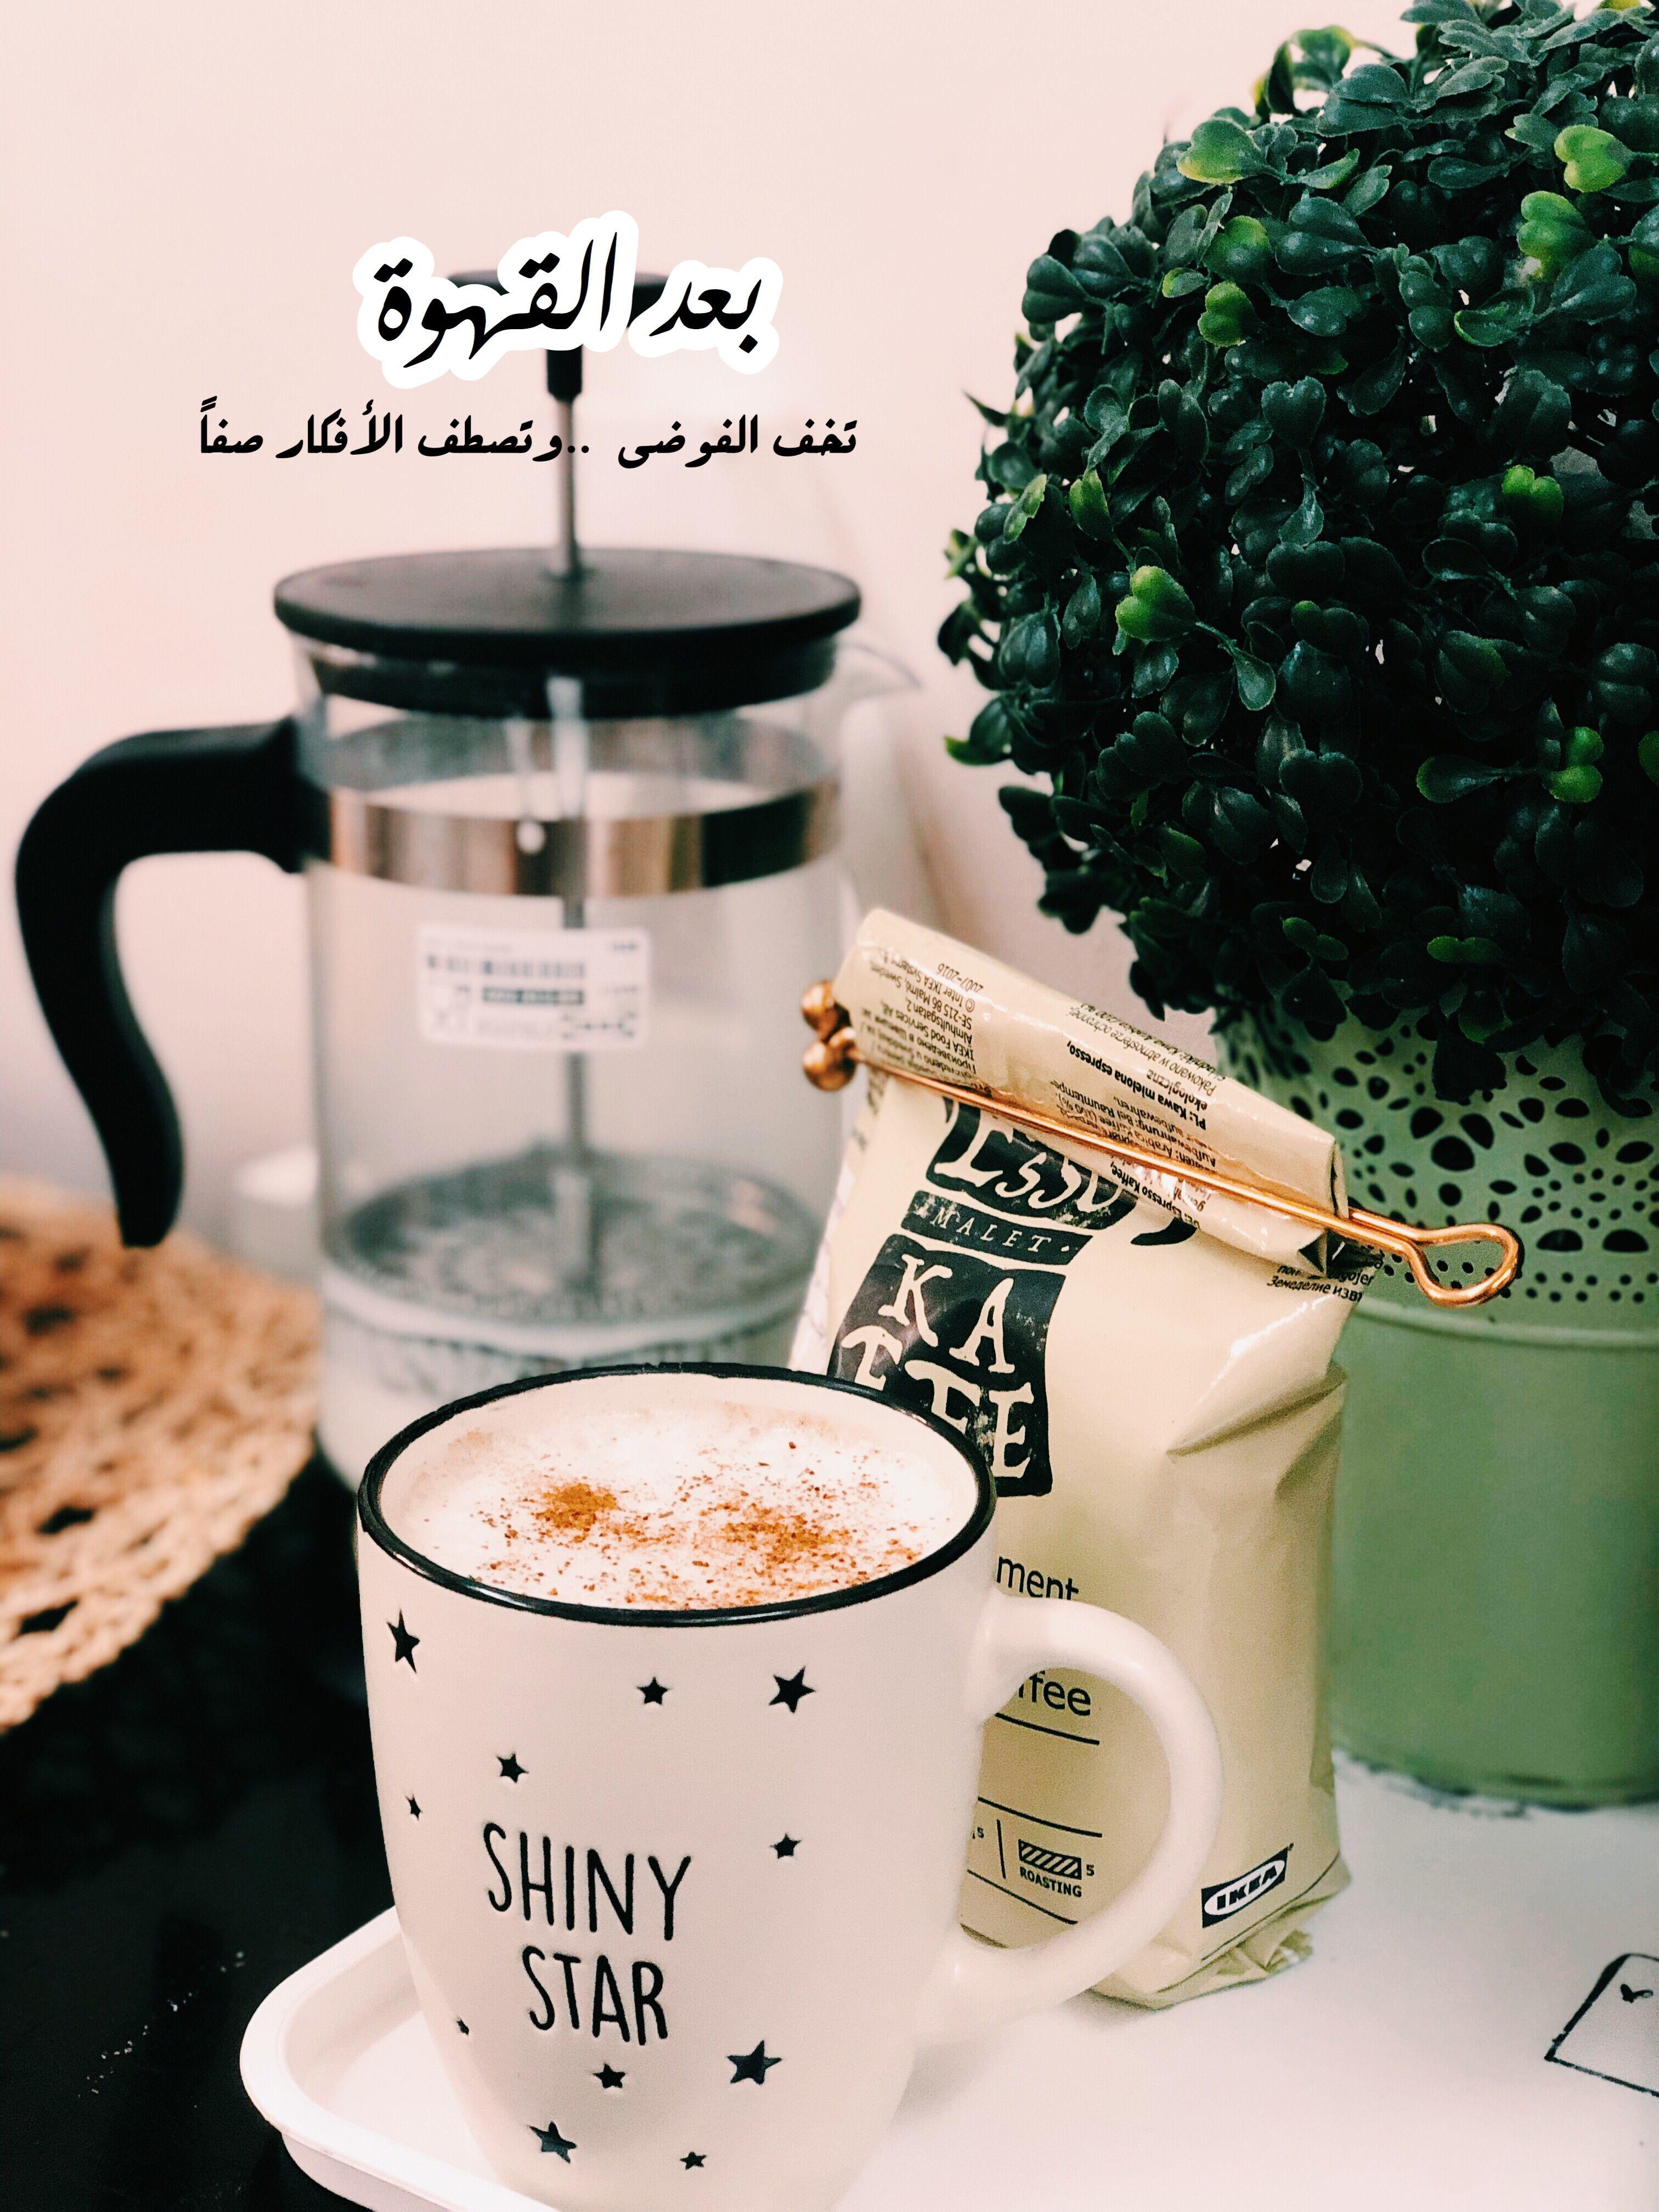 قهوة مساء تصويري تصاميم خواطر رمزيات coffee cafe